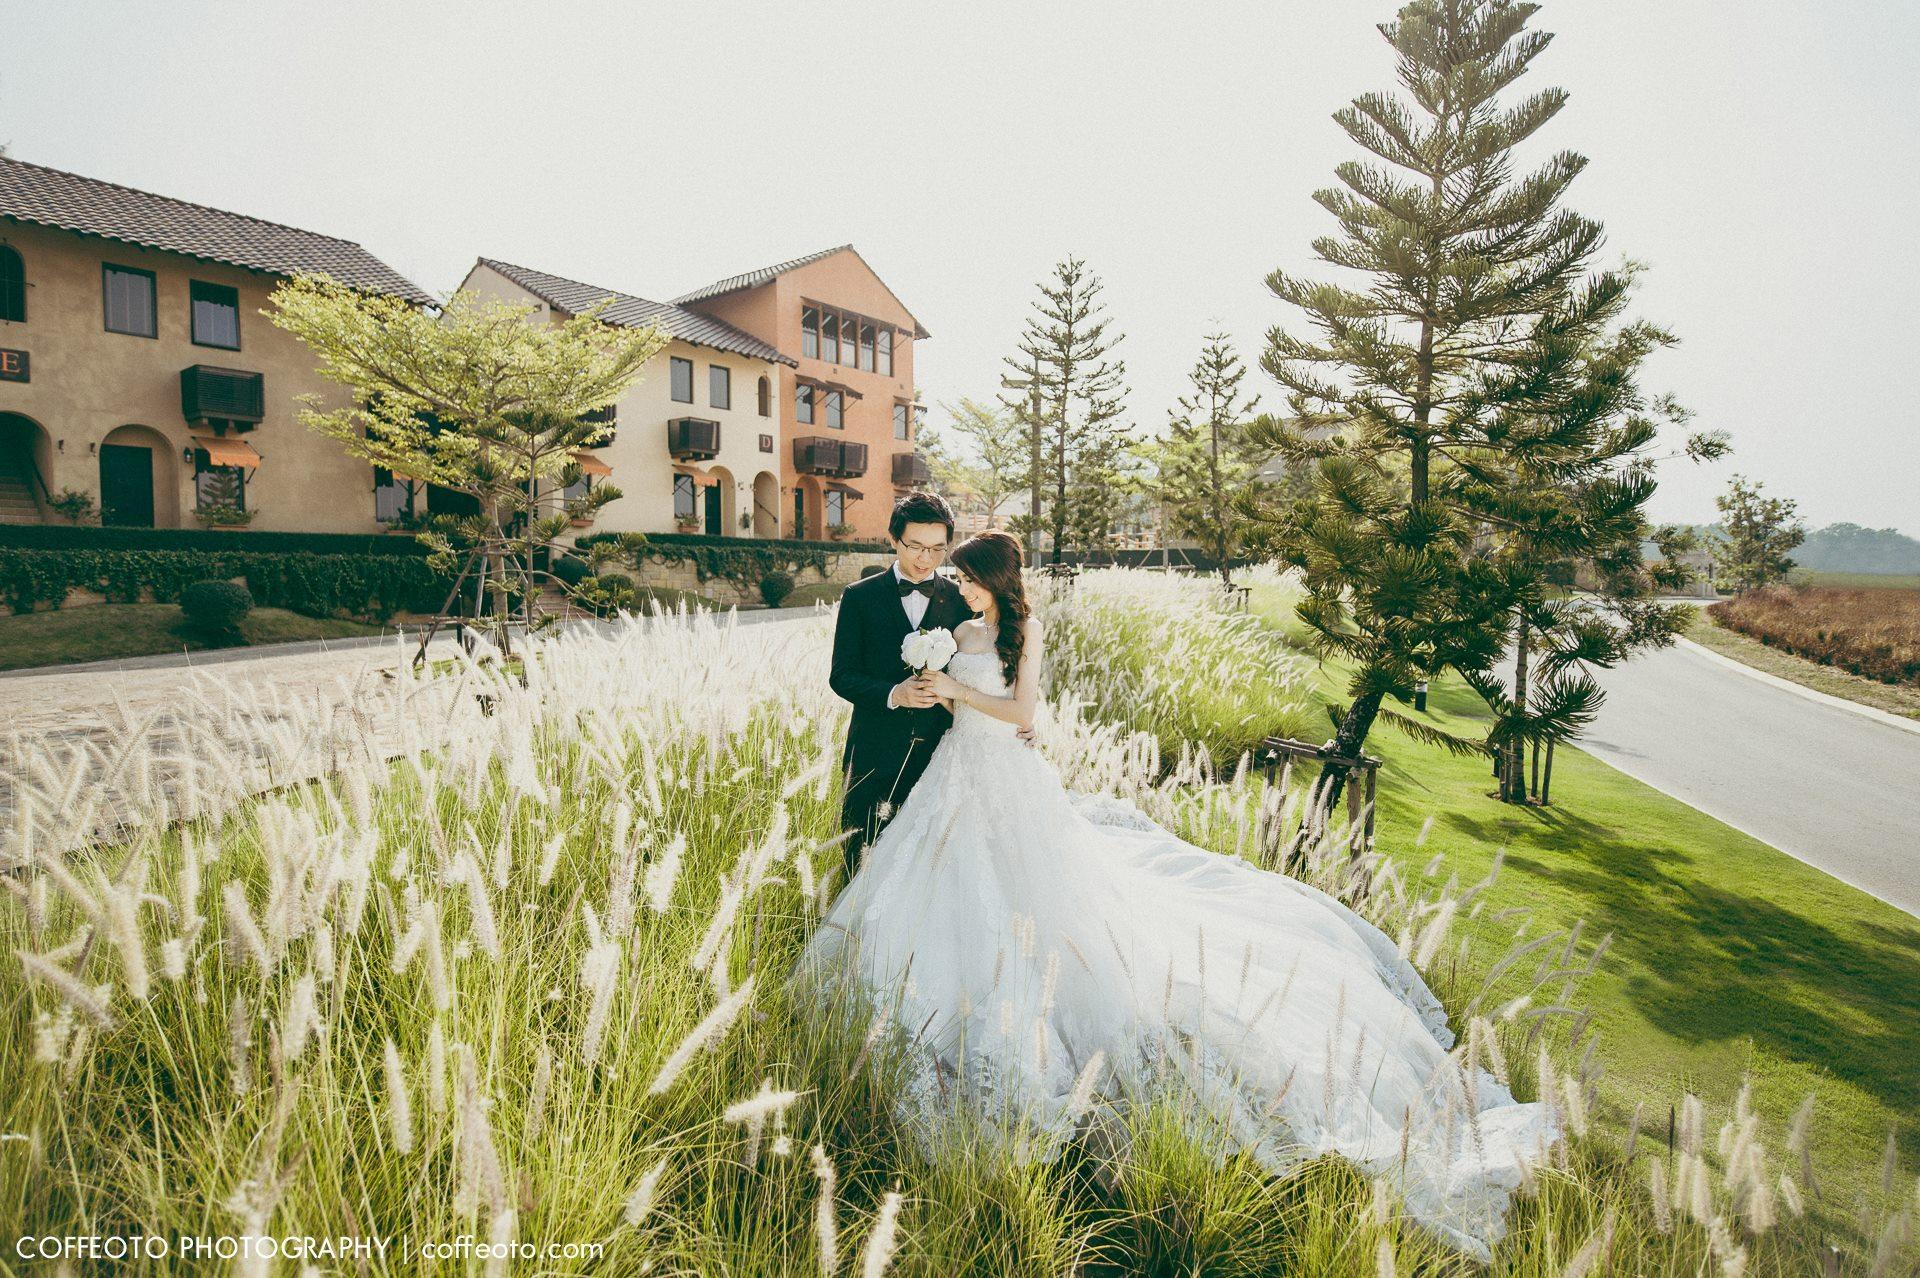 Pook & Neung Pre-wedding